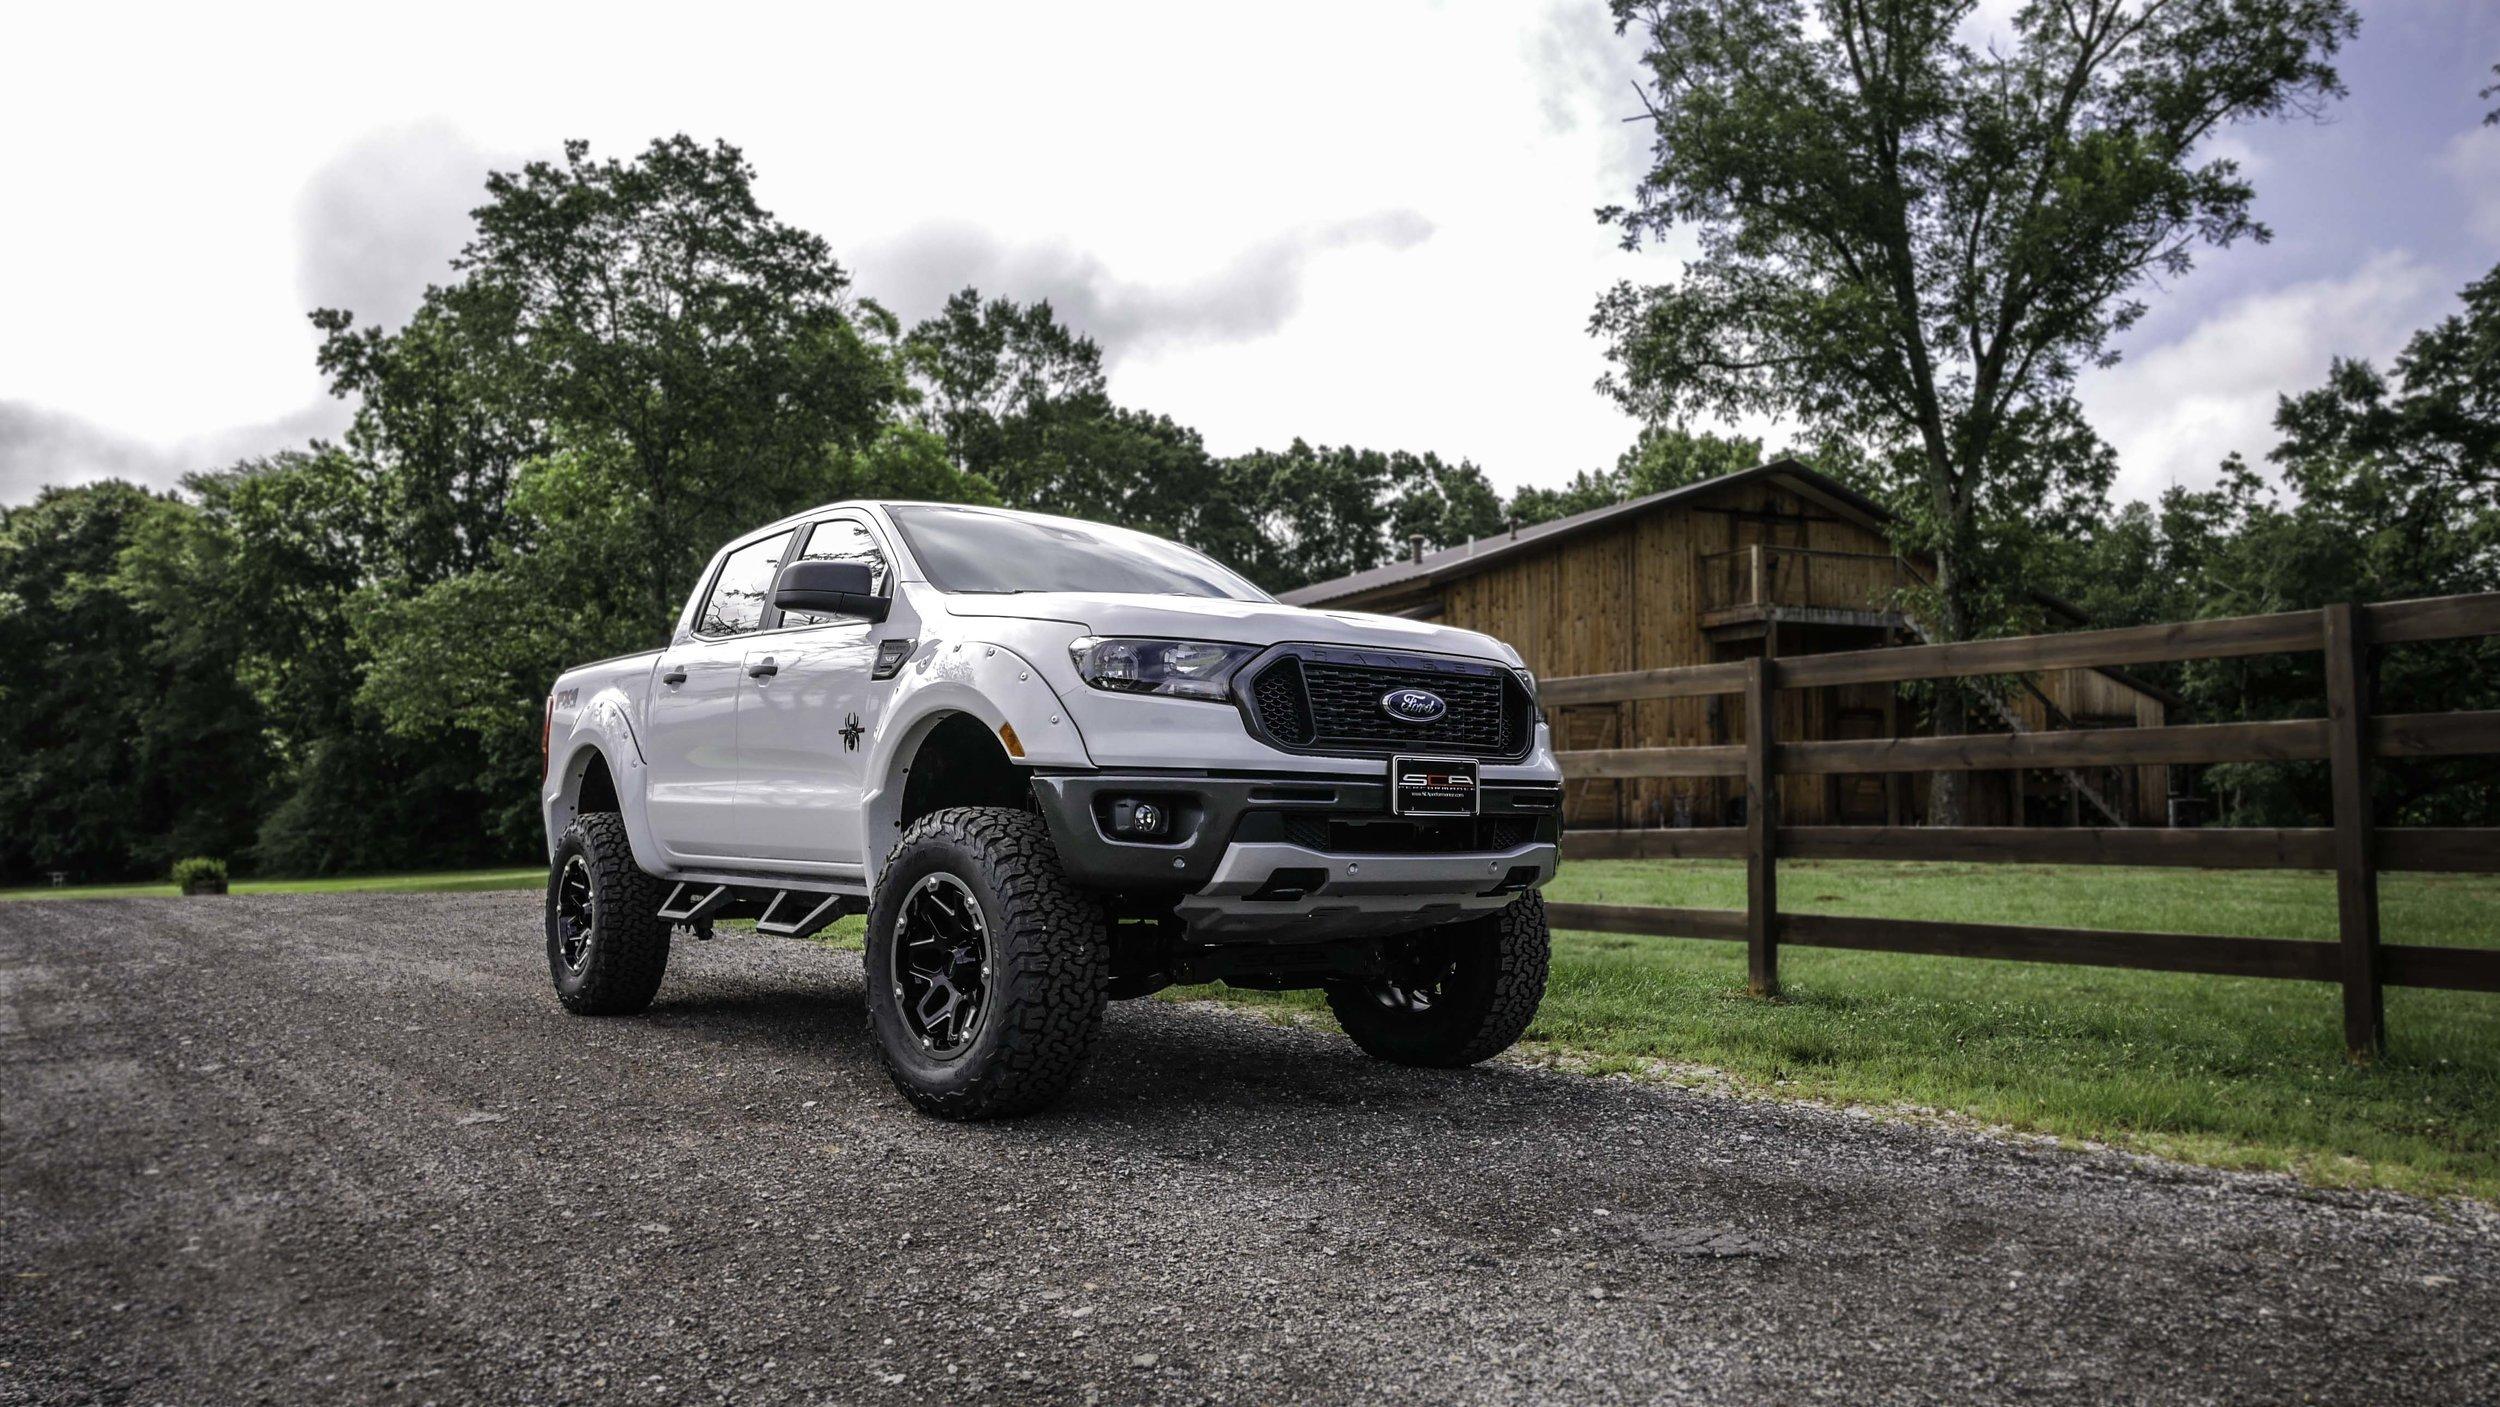 Ford Ranger White at Barn.jpg